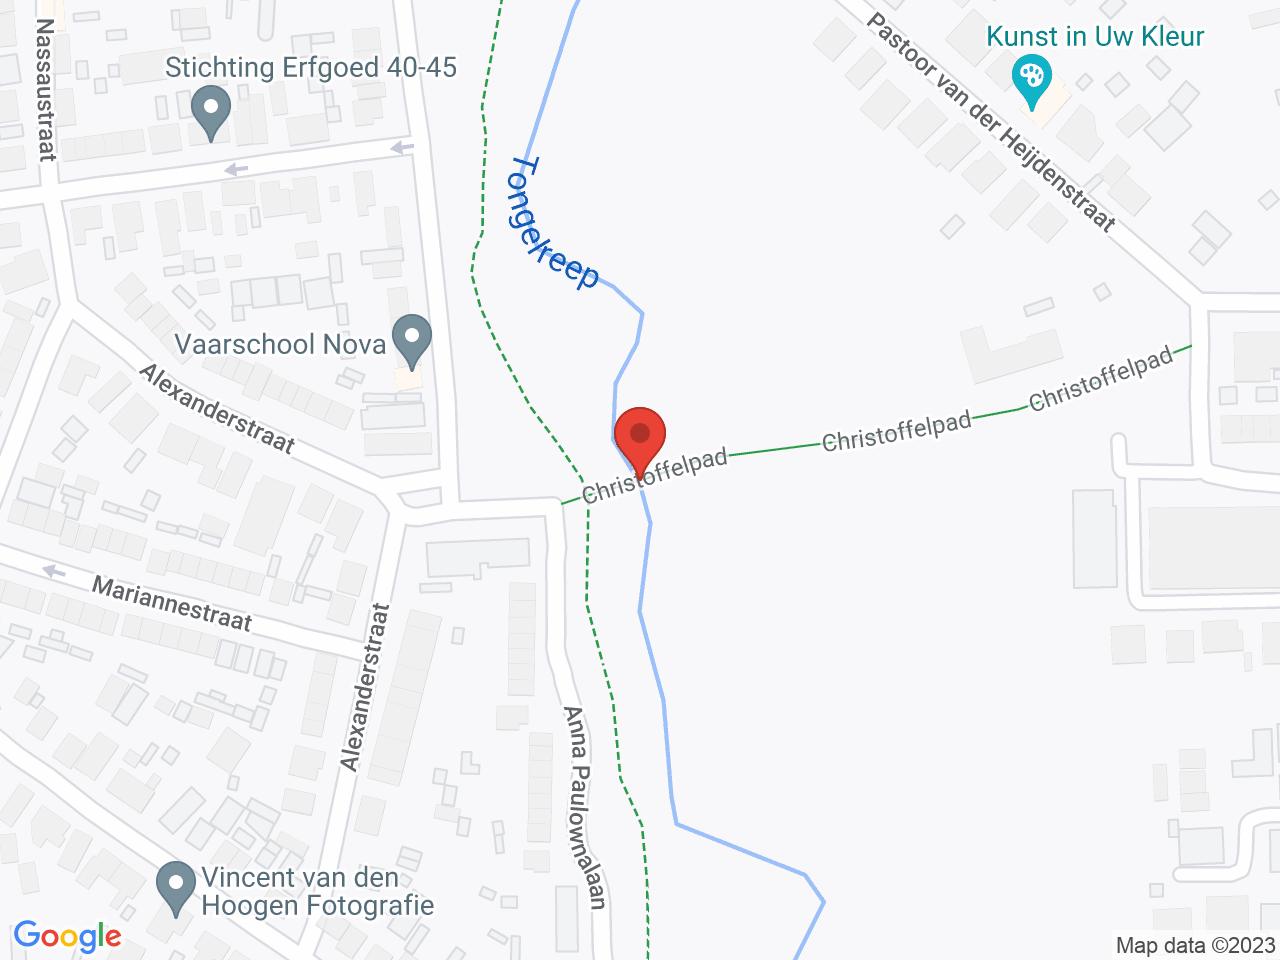 Afsluiting fietsbrug Christoffelpad per 16 juli 2021 op een kaart getoond.